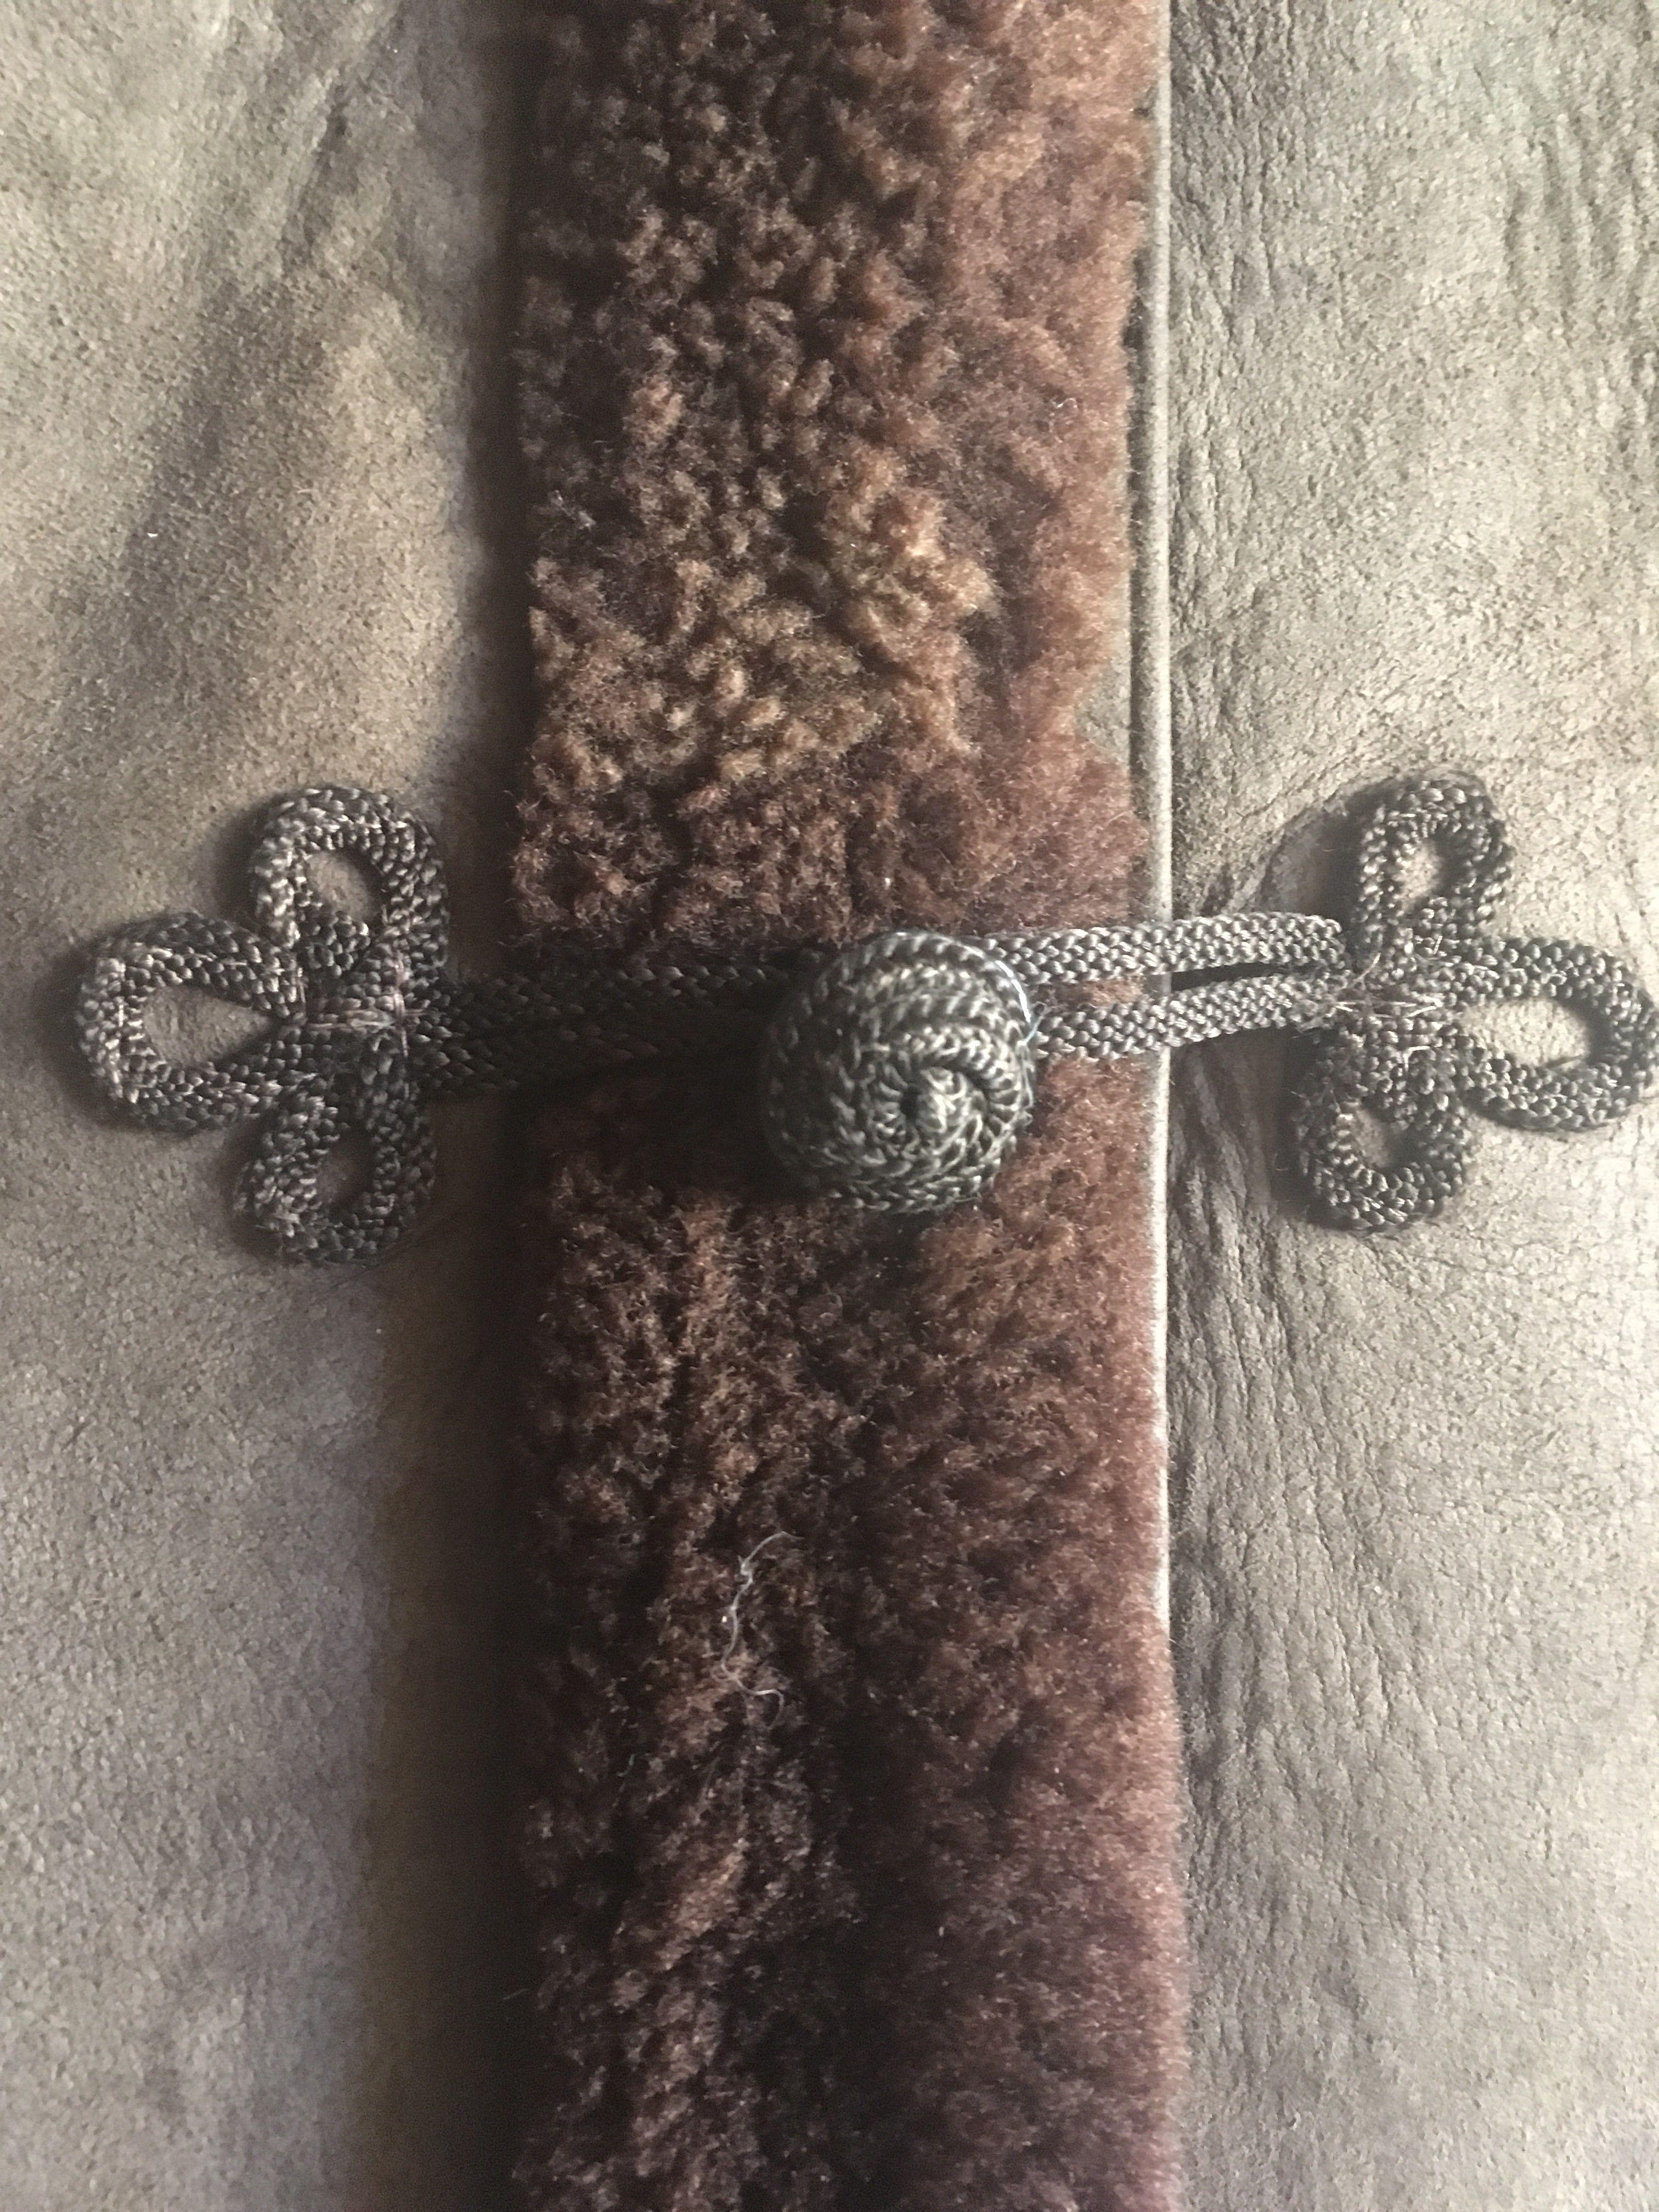 Manteaux - Peau lainée brodée